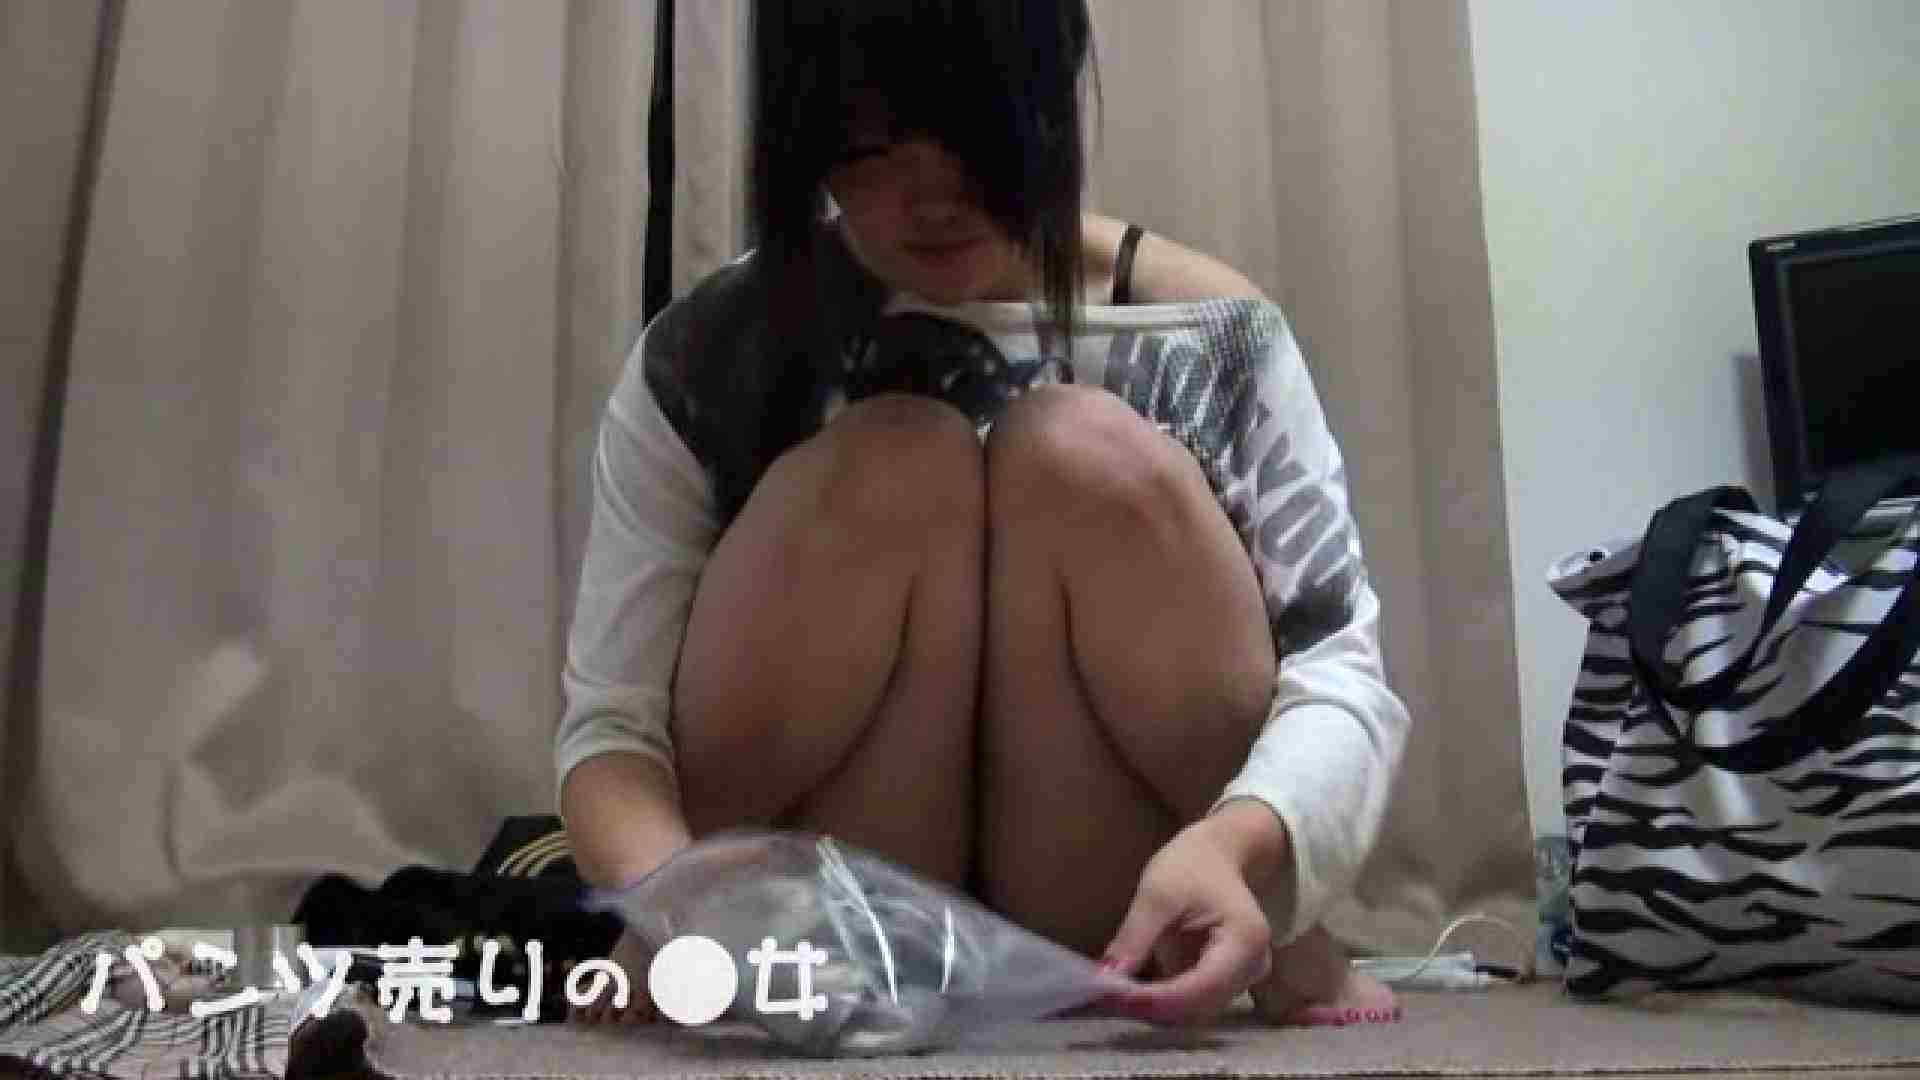 新説 パンツ売りの女の子mizuki02 覗き  98連発 76